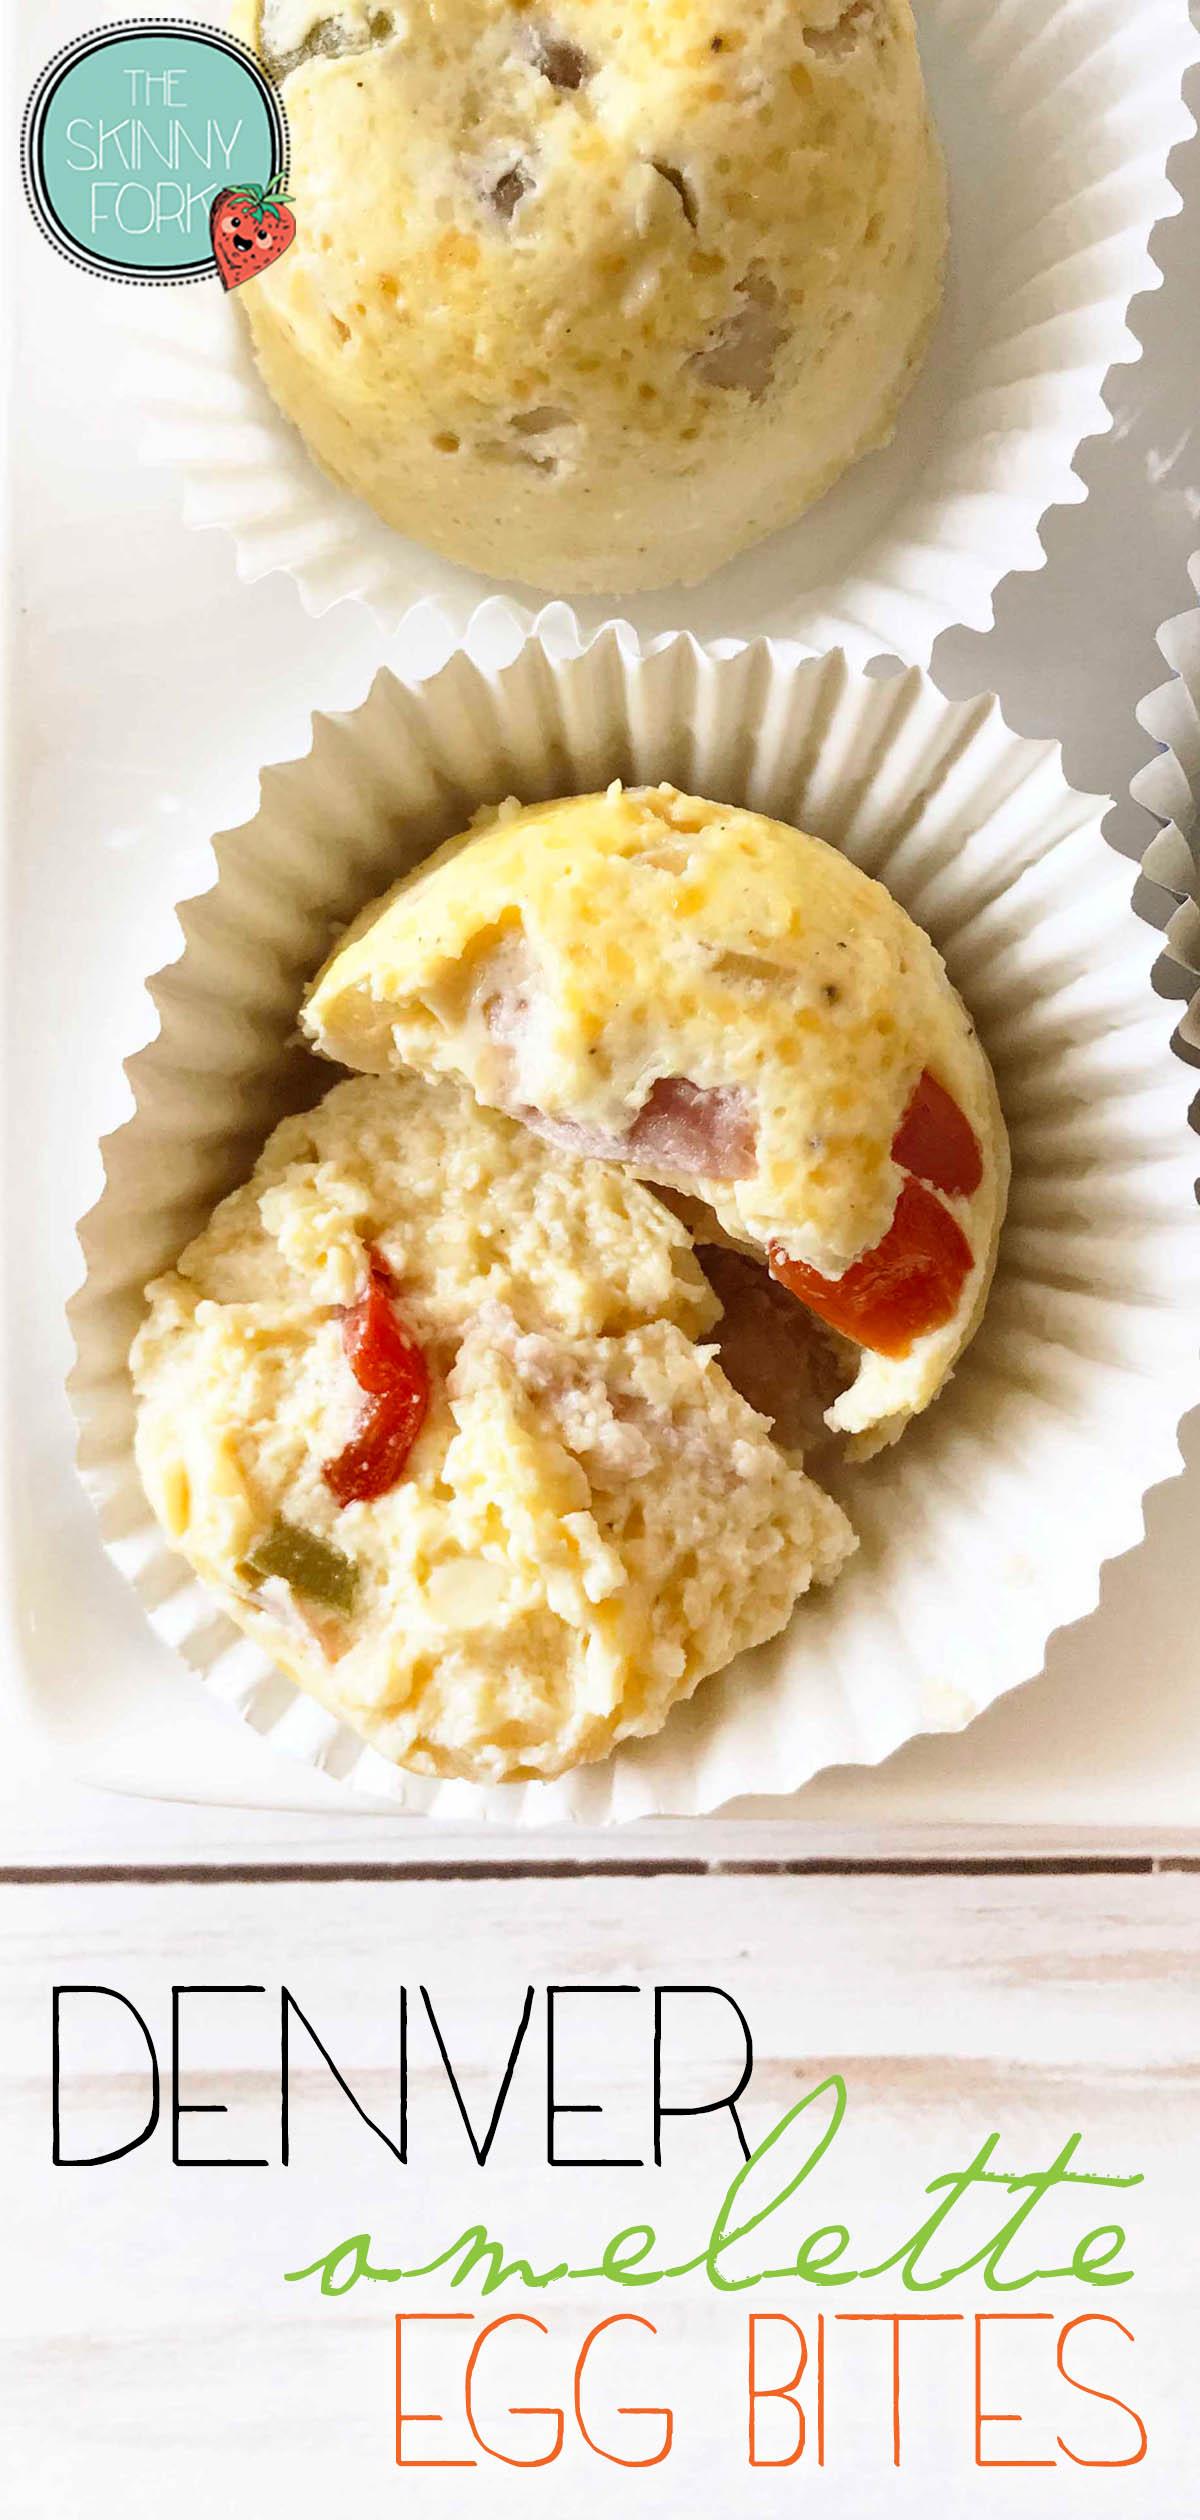 Denver Omelette Egg Bites